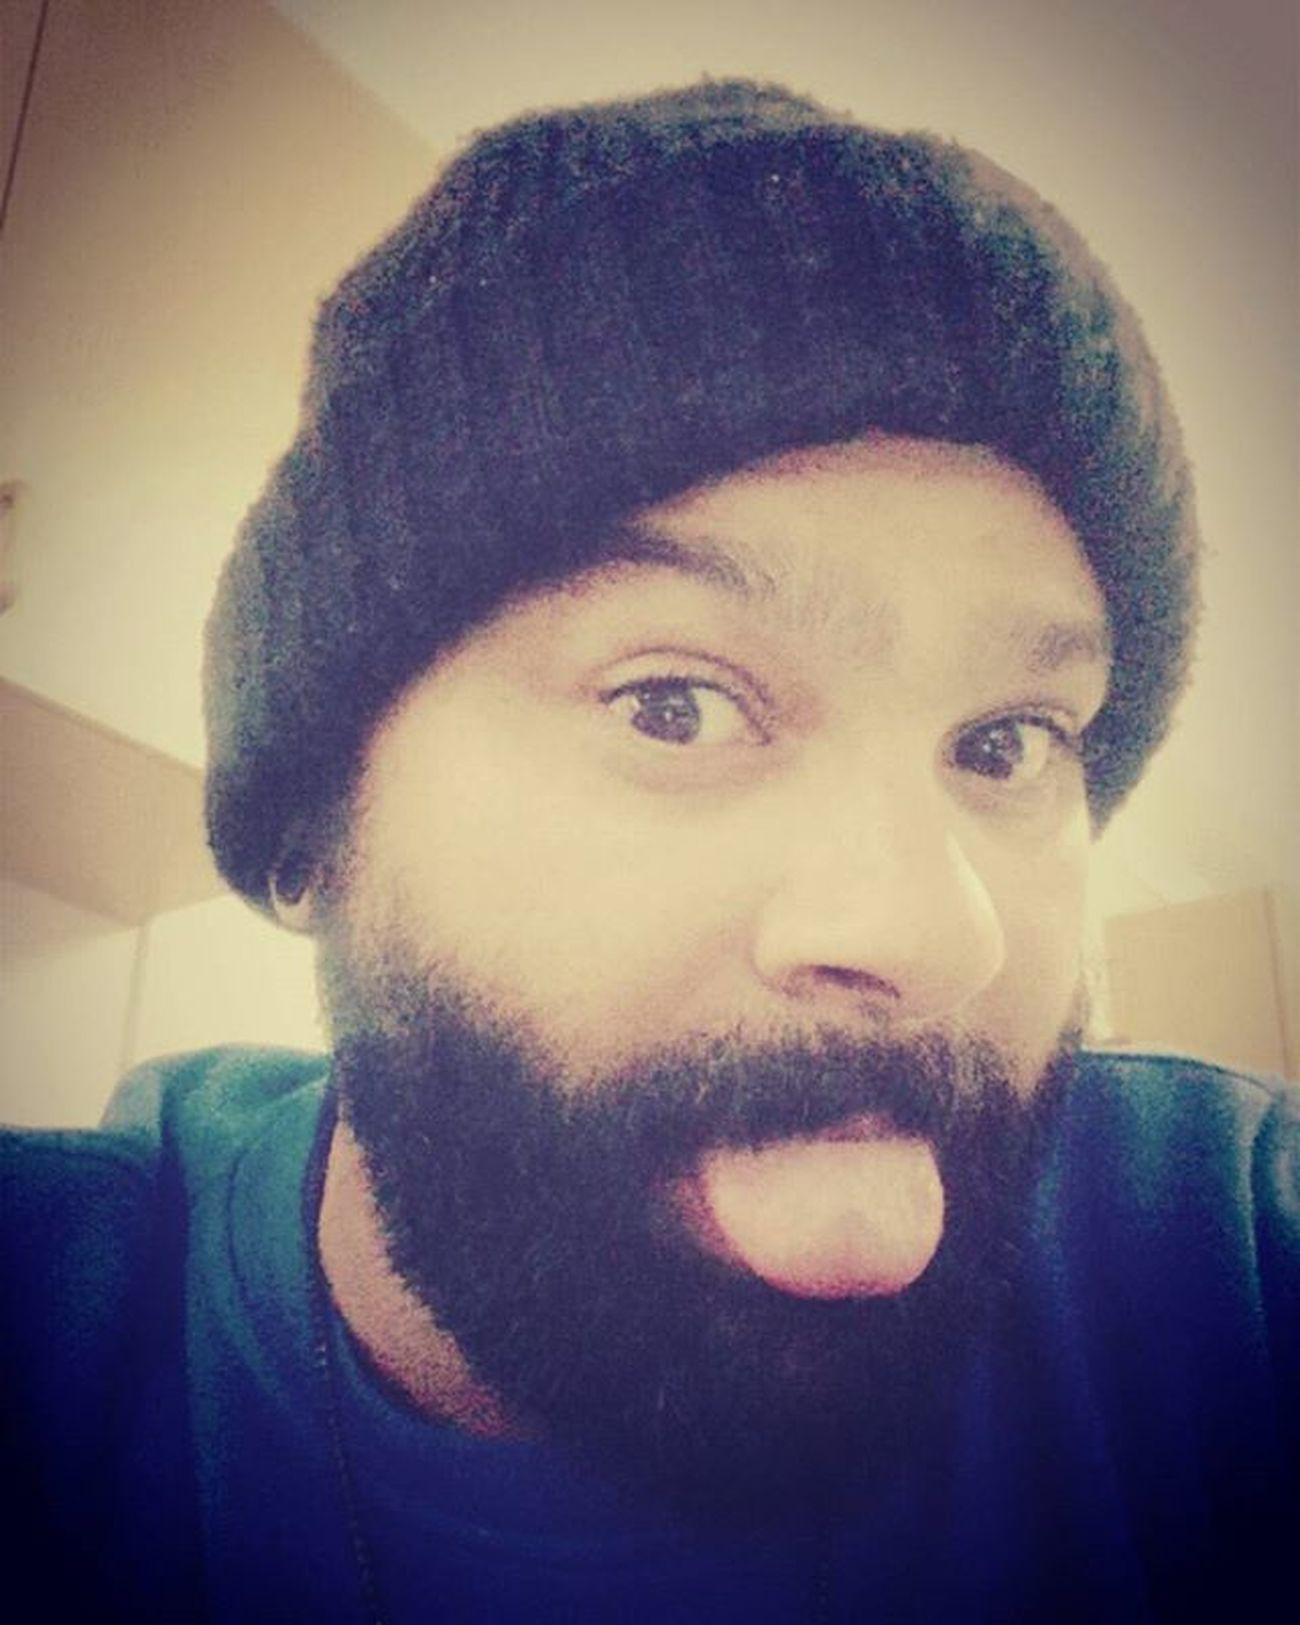 IntheCY Boredatwork Beardedthug Beardgang Beardlove Beardlife Beardlifestyle Yeard 3MonthsOld Pogonophilenation Ladieslovethebeard Tongueout Beanie Craycray